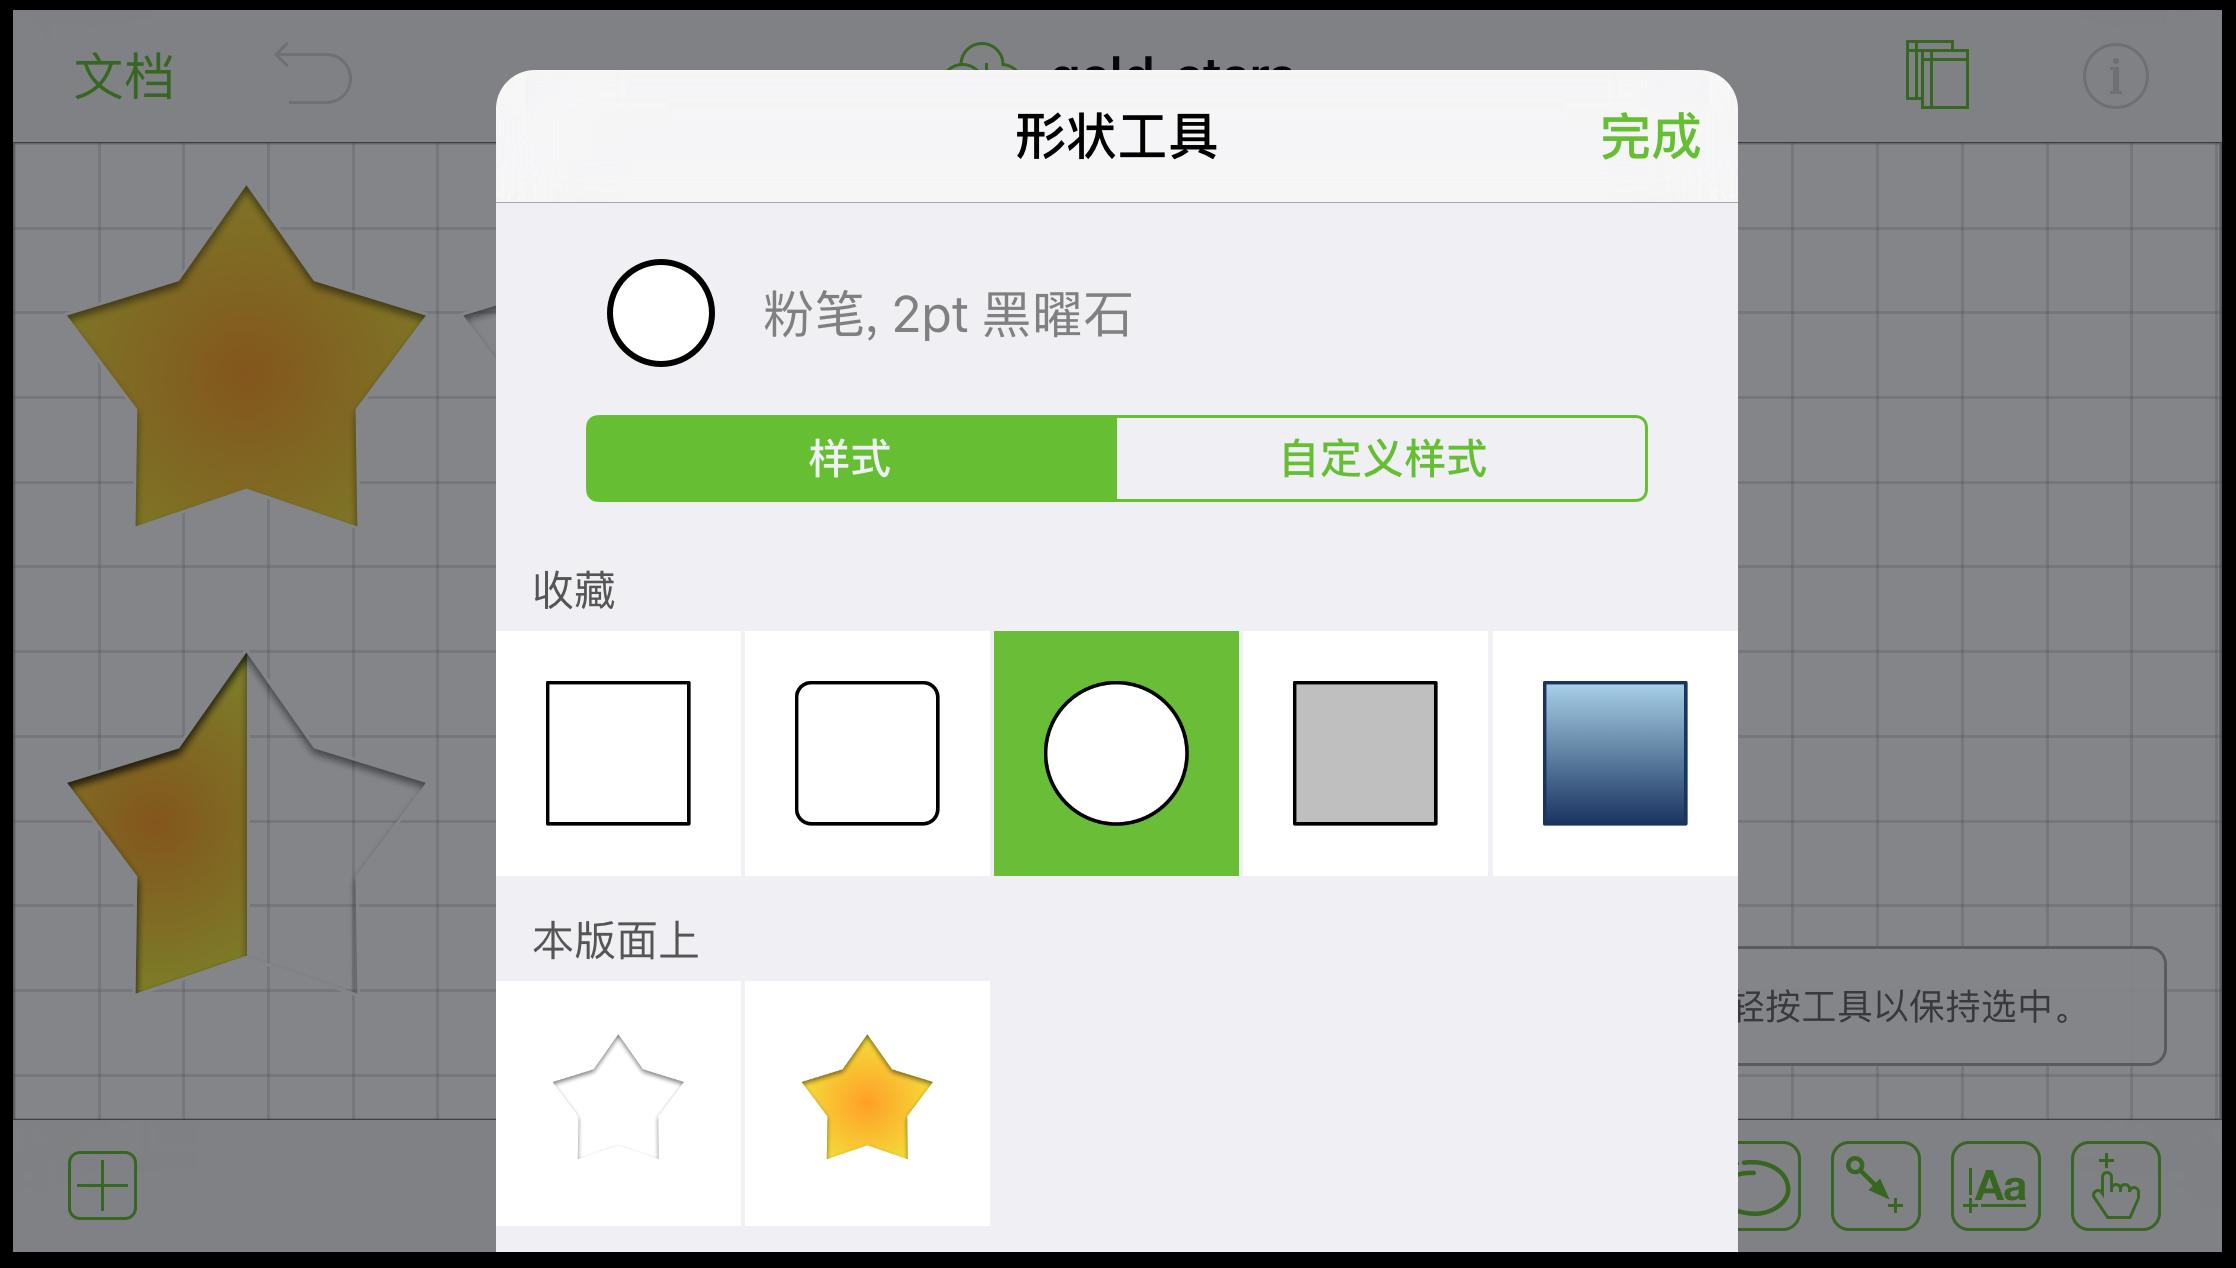 当选择了圆圈形状时,所显示的形状工具信息窗口